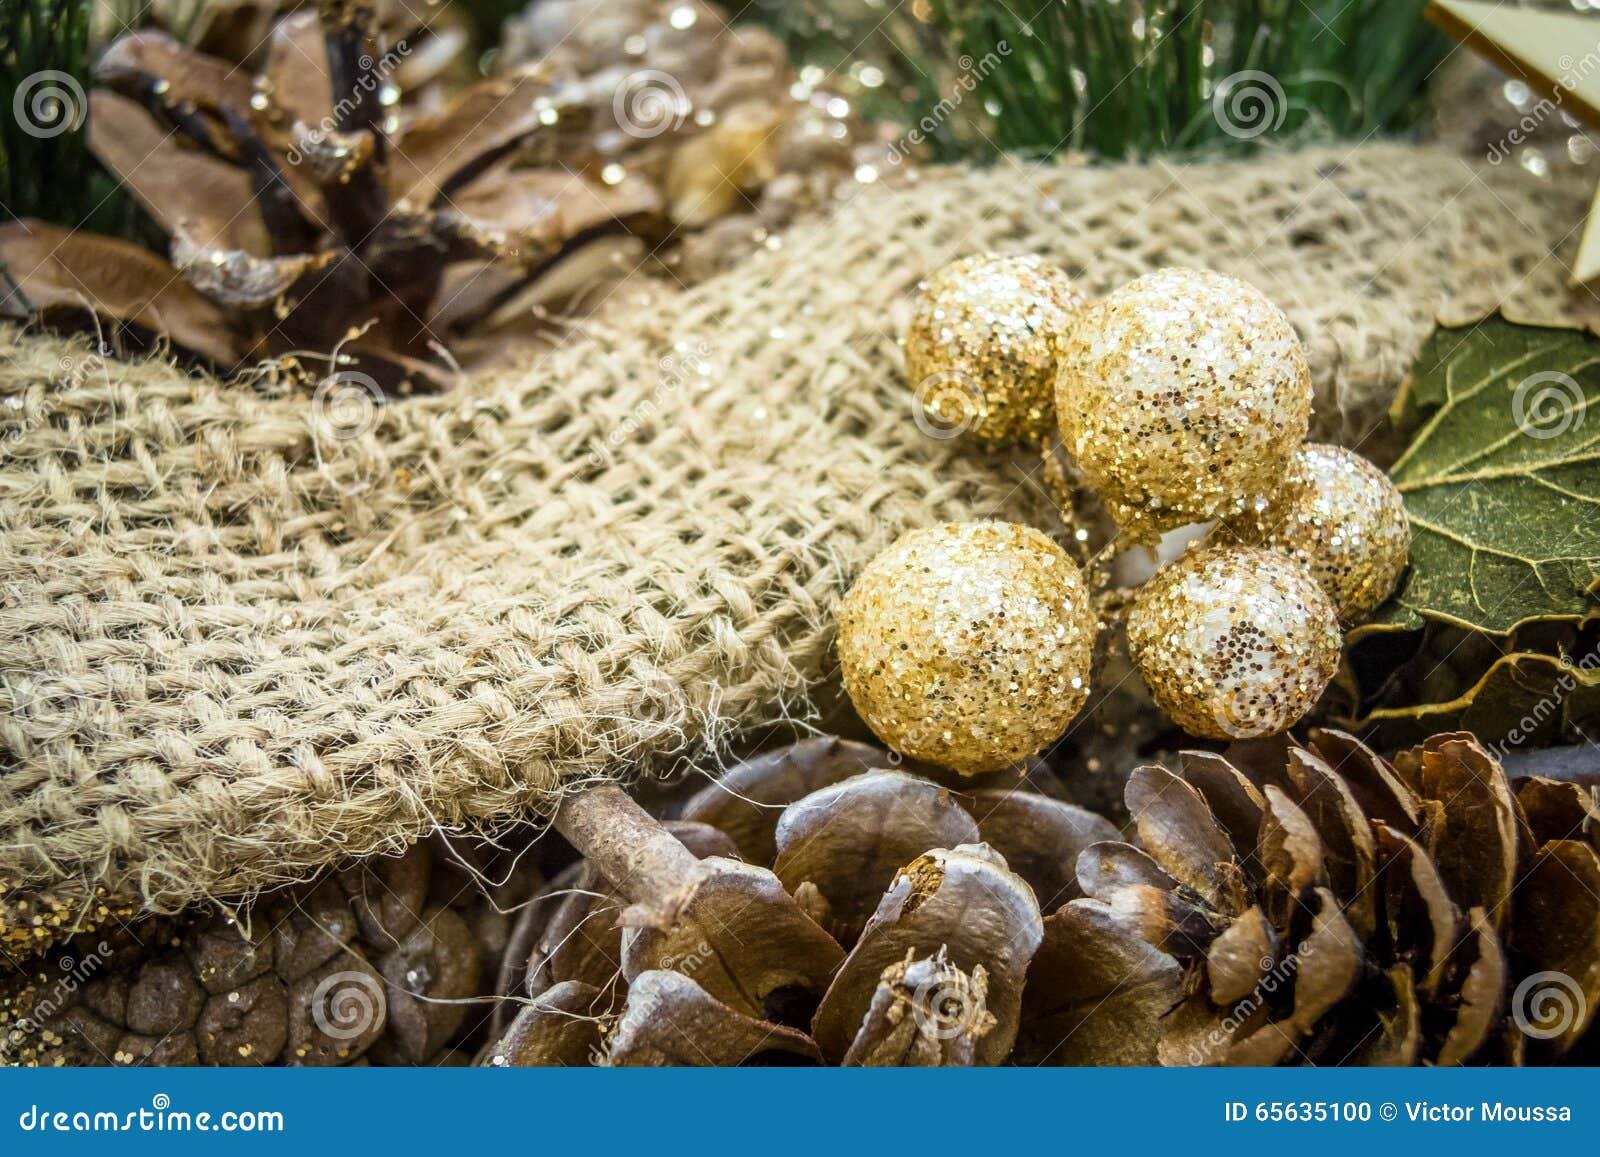 Image rustique des décorations de Noël couvertes dans le scintillement